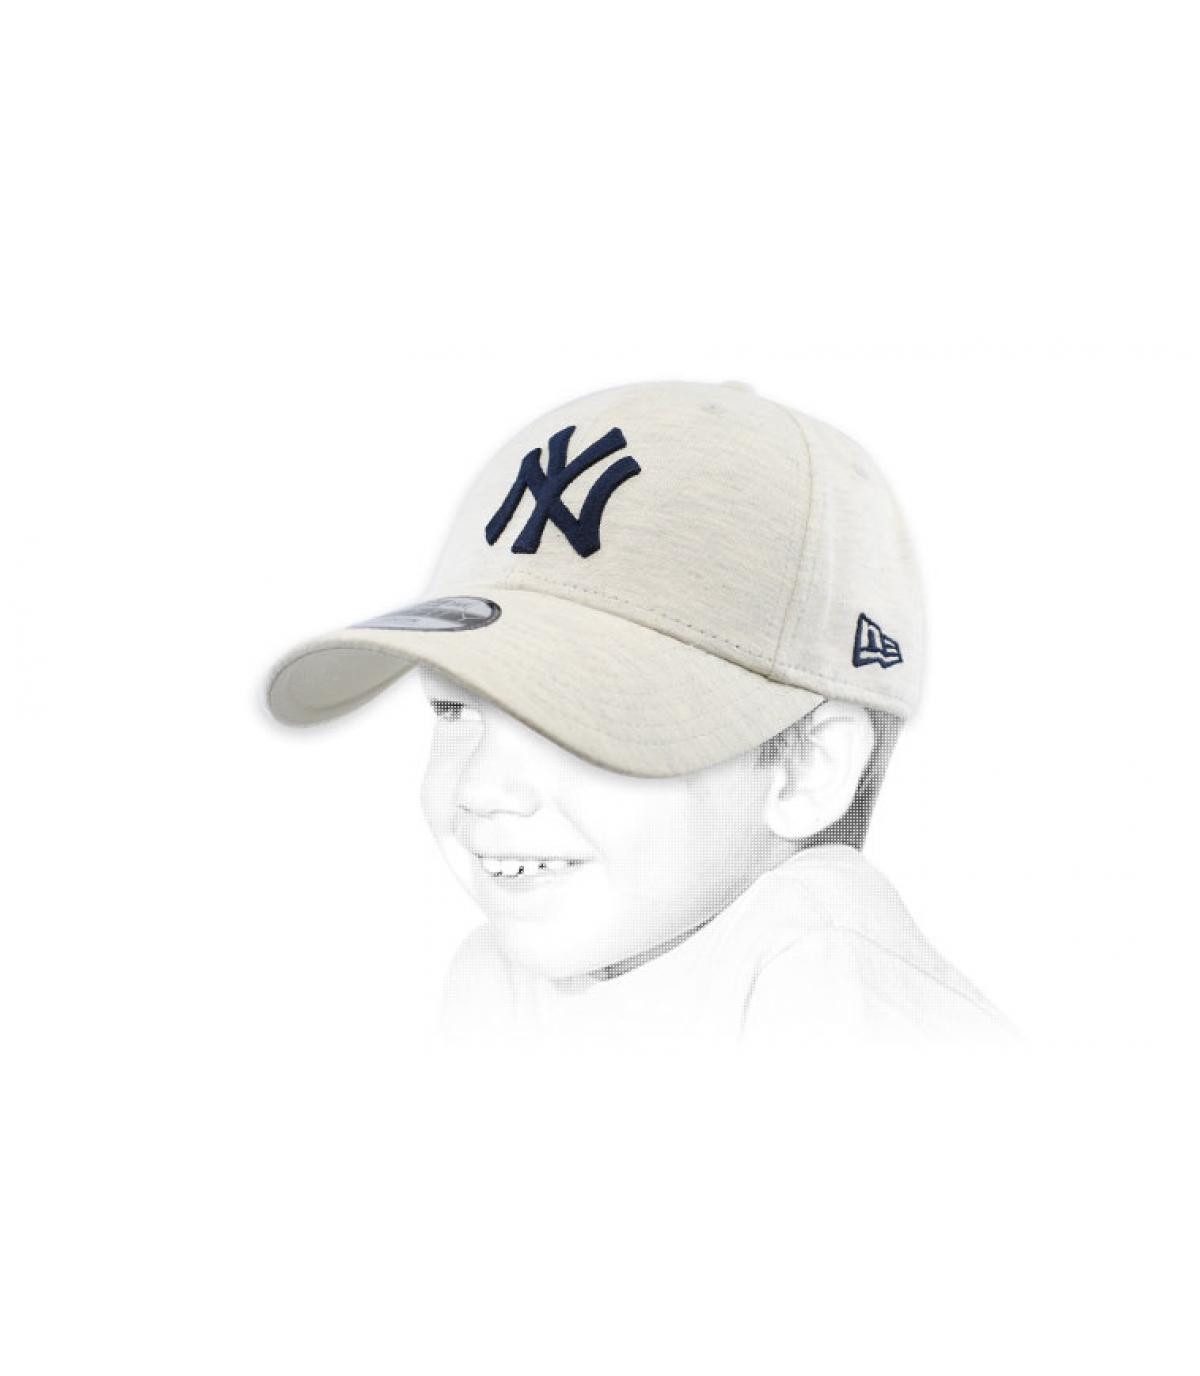 grey NY child cap